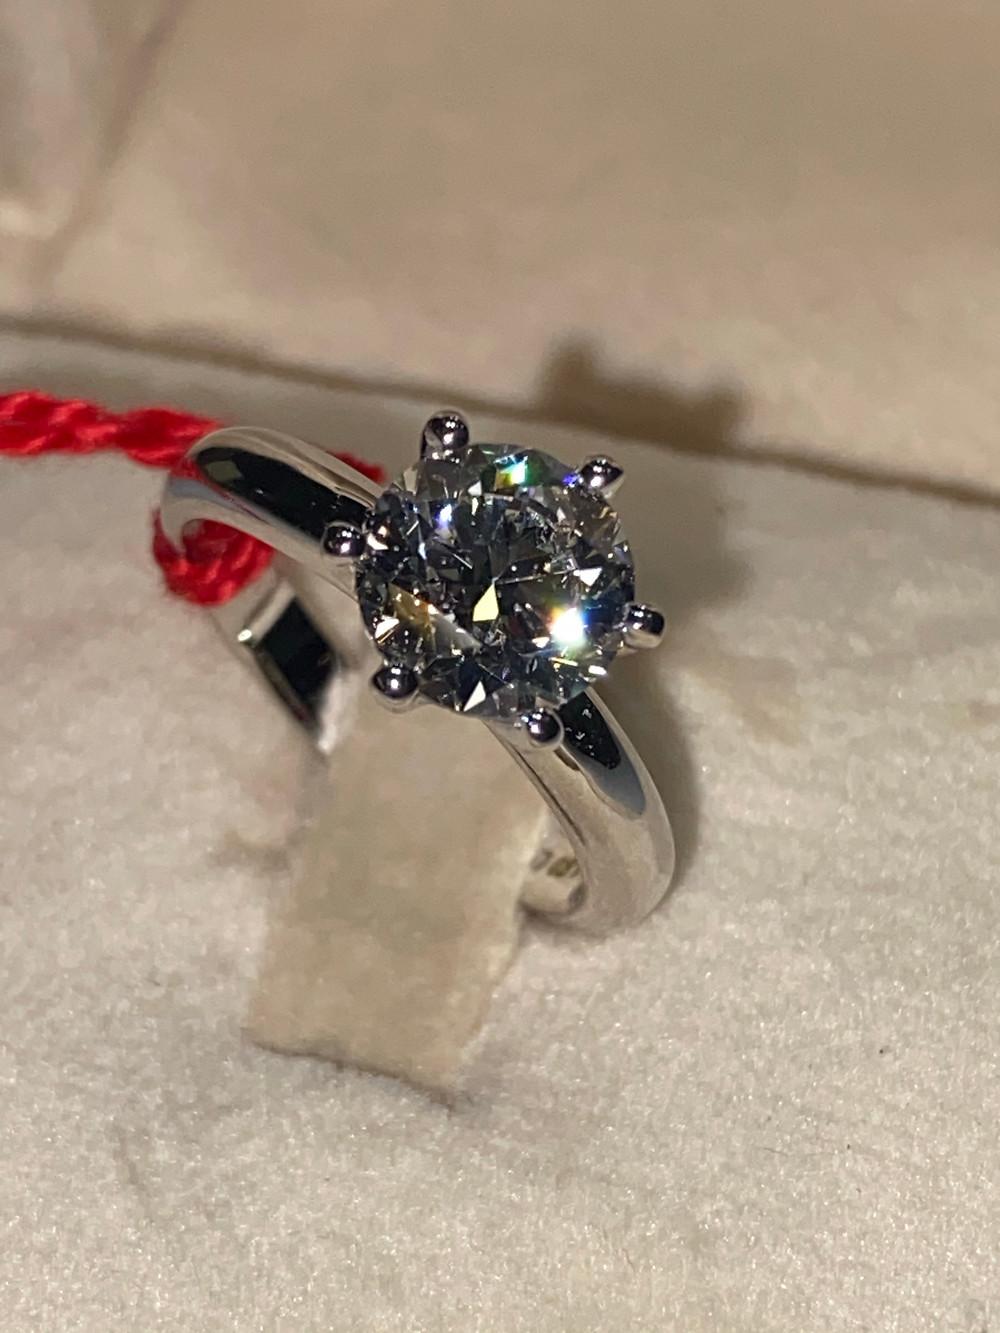 anelli d'oro anello d'oro anelli con diamanti anello con diamante anelli d'oro bianco anello d'oro bianco anello anelli anello d'oro giallo anelli d'oro giallo anelli con pietre anello con pietre anelli d'oro uomo anello d'oro uomo anelli con solitario anello con solitario anelli personalizzati anello personalizzato gioielli per sposa gioiello per sposa gioielli fatti a mano gioiello fatto a mano anello semplice anelli semplici anelli artigianali anello artigianale laboratorio orafo Frigerio